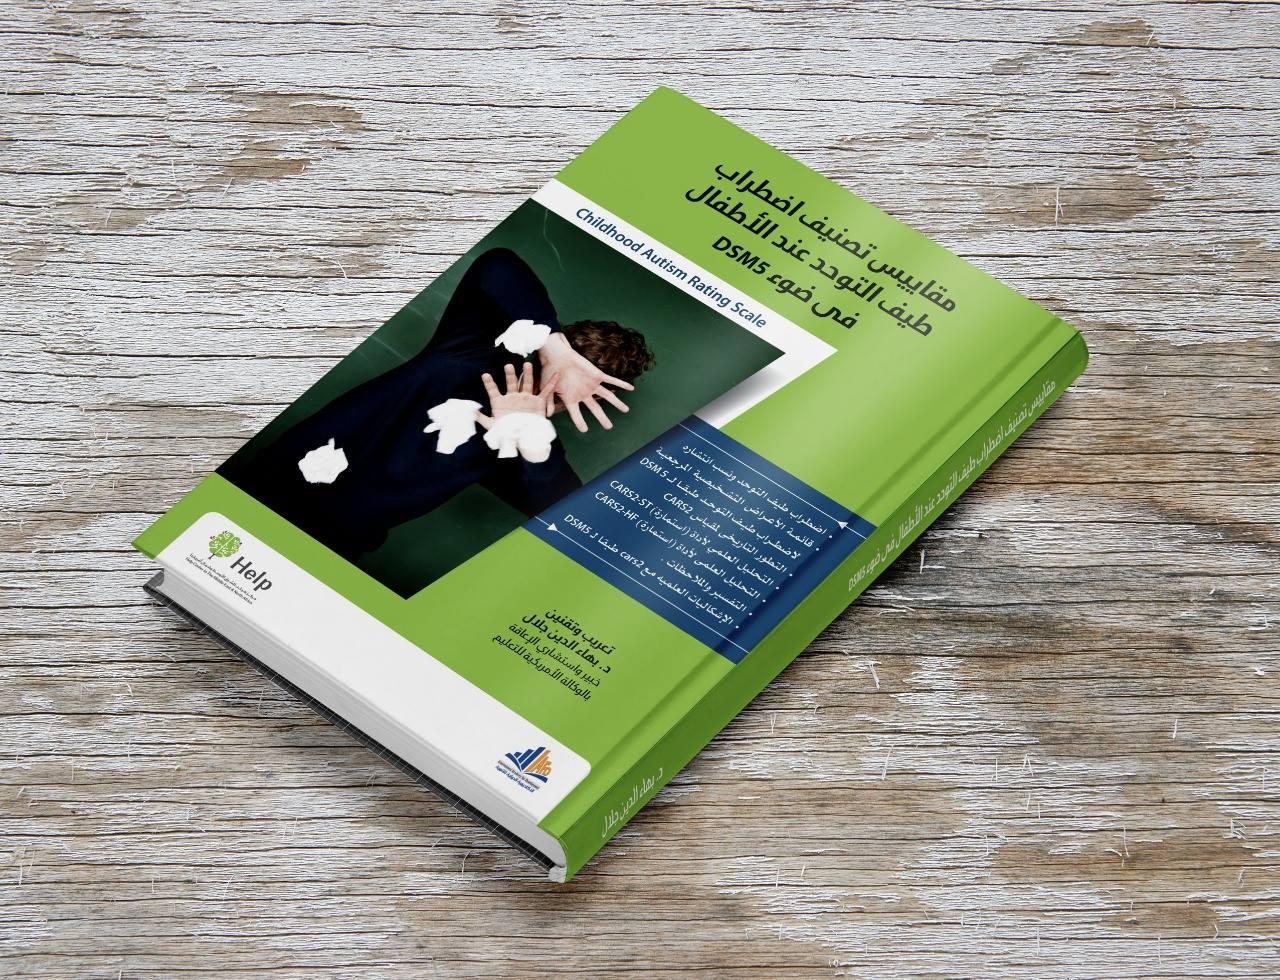 كتاب مقاييس تصنيف اضطراب طيف التوحد عند الاطفال فى ضوء DSM5